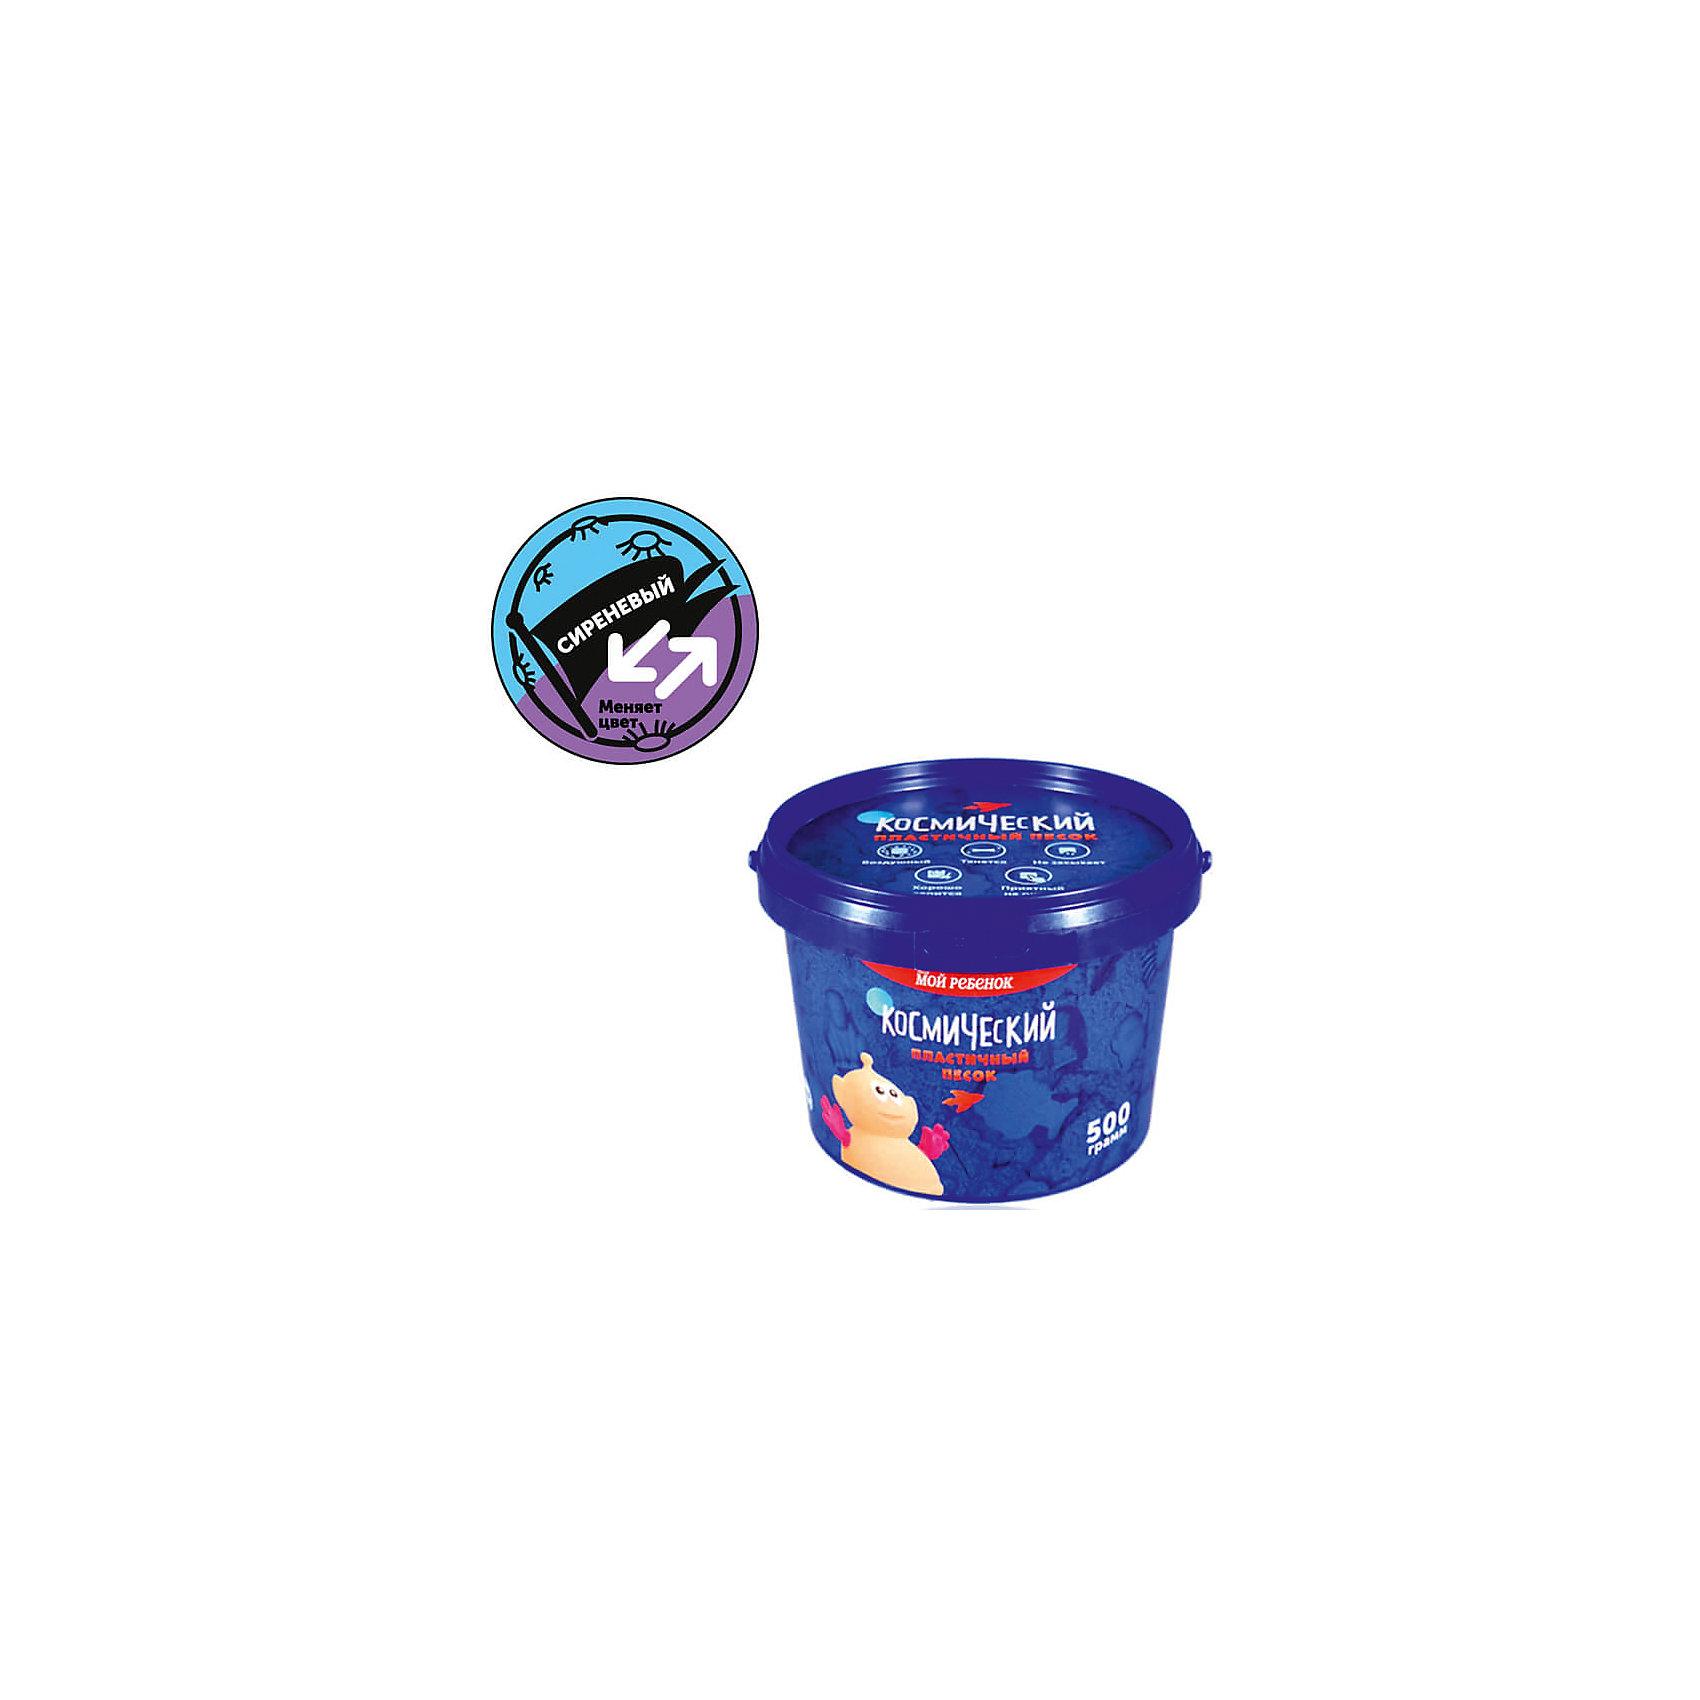 Космический песок, Сиреневый, Цветоменяющий, 0,5 кгХарактеристики товара:<br><br>• цвет: сиреневый<br>• размер упаковки: 9 x 12 x 12 см<br>• вес: 600 г<br>• комплектация: 0,5 кг кинетического песка<br>• песок меняет цвет на голубой<br>• подходит для игр дома<br>• возраст: от двух лет<br>• упаковка: банка<br>• страна бренда: РФ<br>• страна изготовитель: РФ<br><br>Этот кинетический песок станет отличным подарком ребенку - ведь с помощью него можно создавать фигуры легко и весело! В этой банке находится половина килограмма песка. Он легко принимает нужную форму и так же легко распадается на песчинки. Играть можно бесконечно! Песок легко собирается, не красится и оставляет пятен на одежде.<br>Детям очень нравится что-то делать своими руками. Кроме того, творчество помогает детям развивать важные навыки и способности, оно активизирует мышление, формирует усидчивость, творческие способности, мелкую моторику и воображение. Изделие производится из качественных и проверенных материалов, которые безопасны для детей.<br><br>Кинетический песок Сиреневый, Цветоменяющий, 0,5 кг от бренда Космический песок можно купить в нашем интернет-магазине.<br><br>Ширина мм: 120<br>Глубина мм: 120<br>Высота мм: 90<br>Вес г: 600<br>Возраст от месяцев: 36<br>Возраст до месяцев: 84<br>Пол: Унисекс<br>Возраст: Детский<br>SKU: 5168944